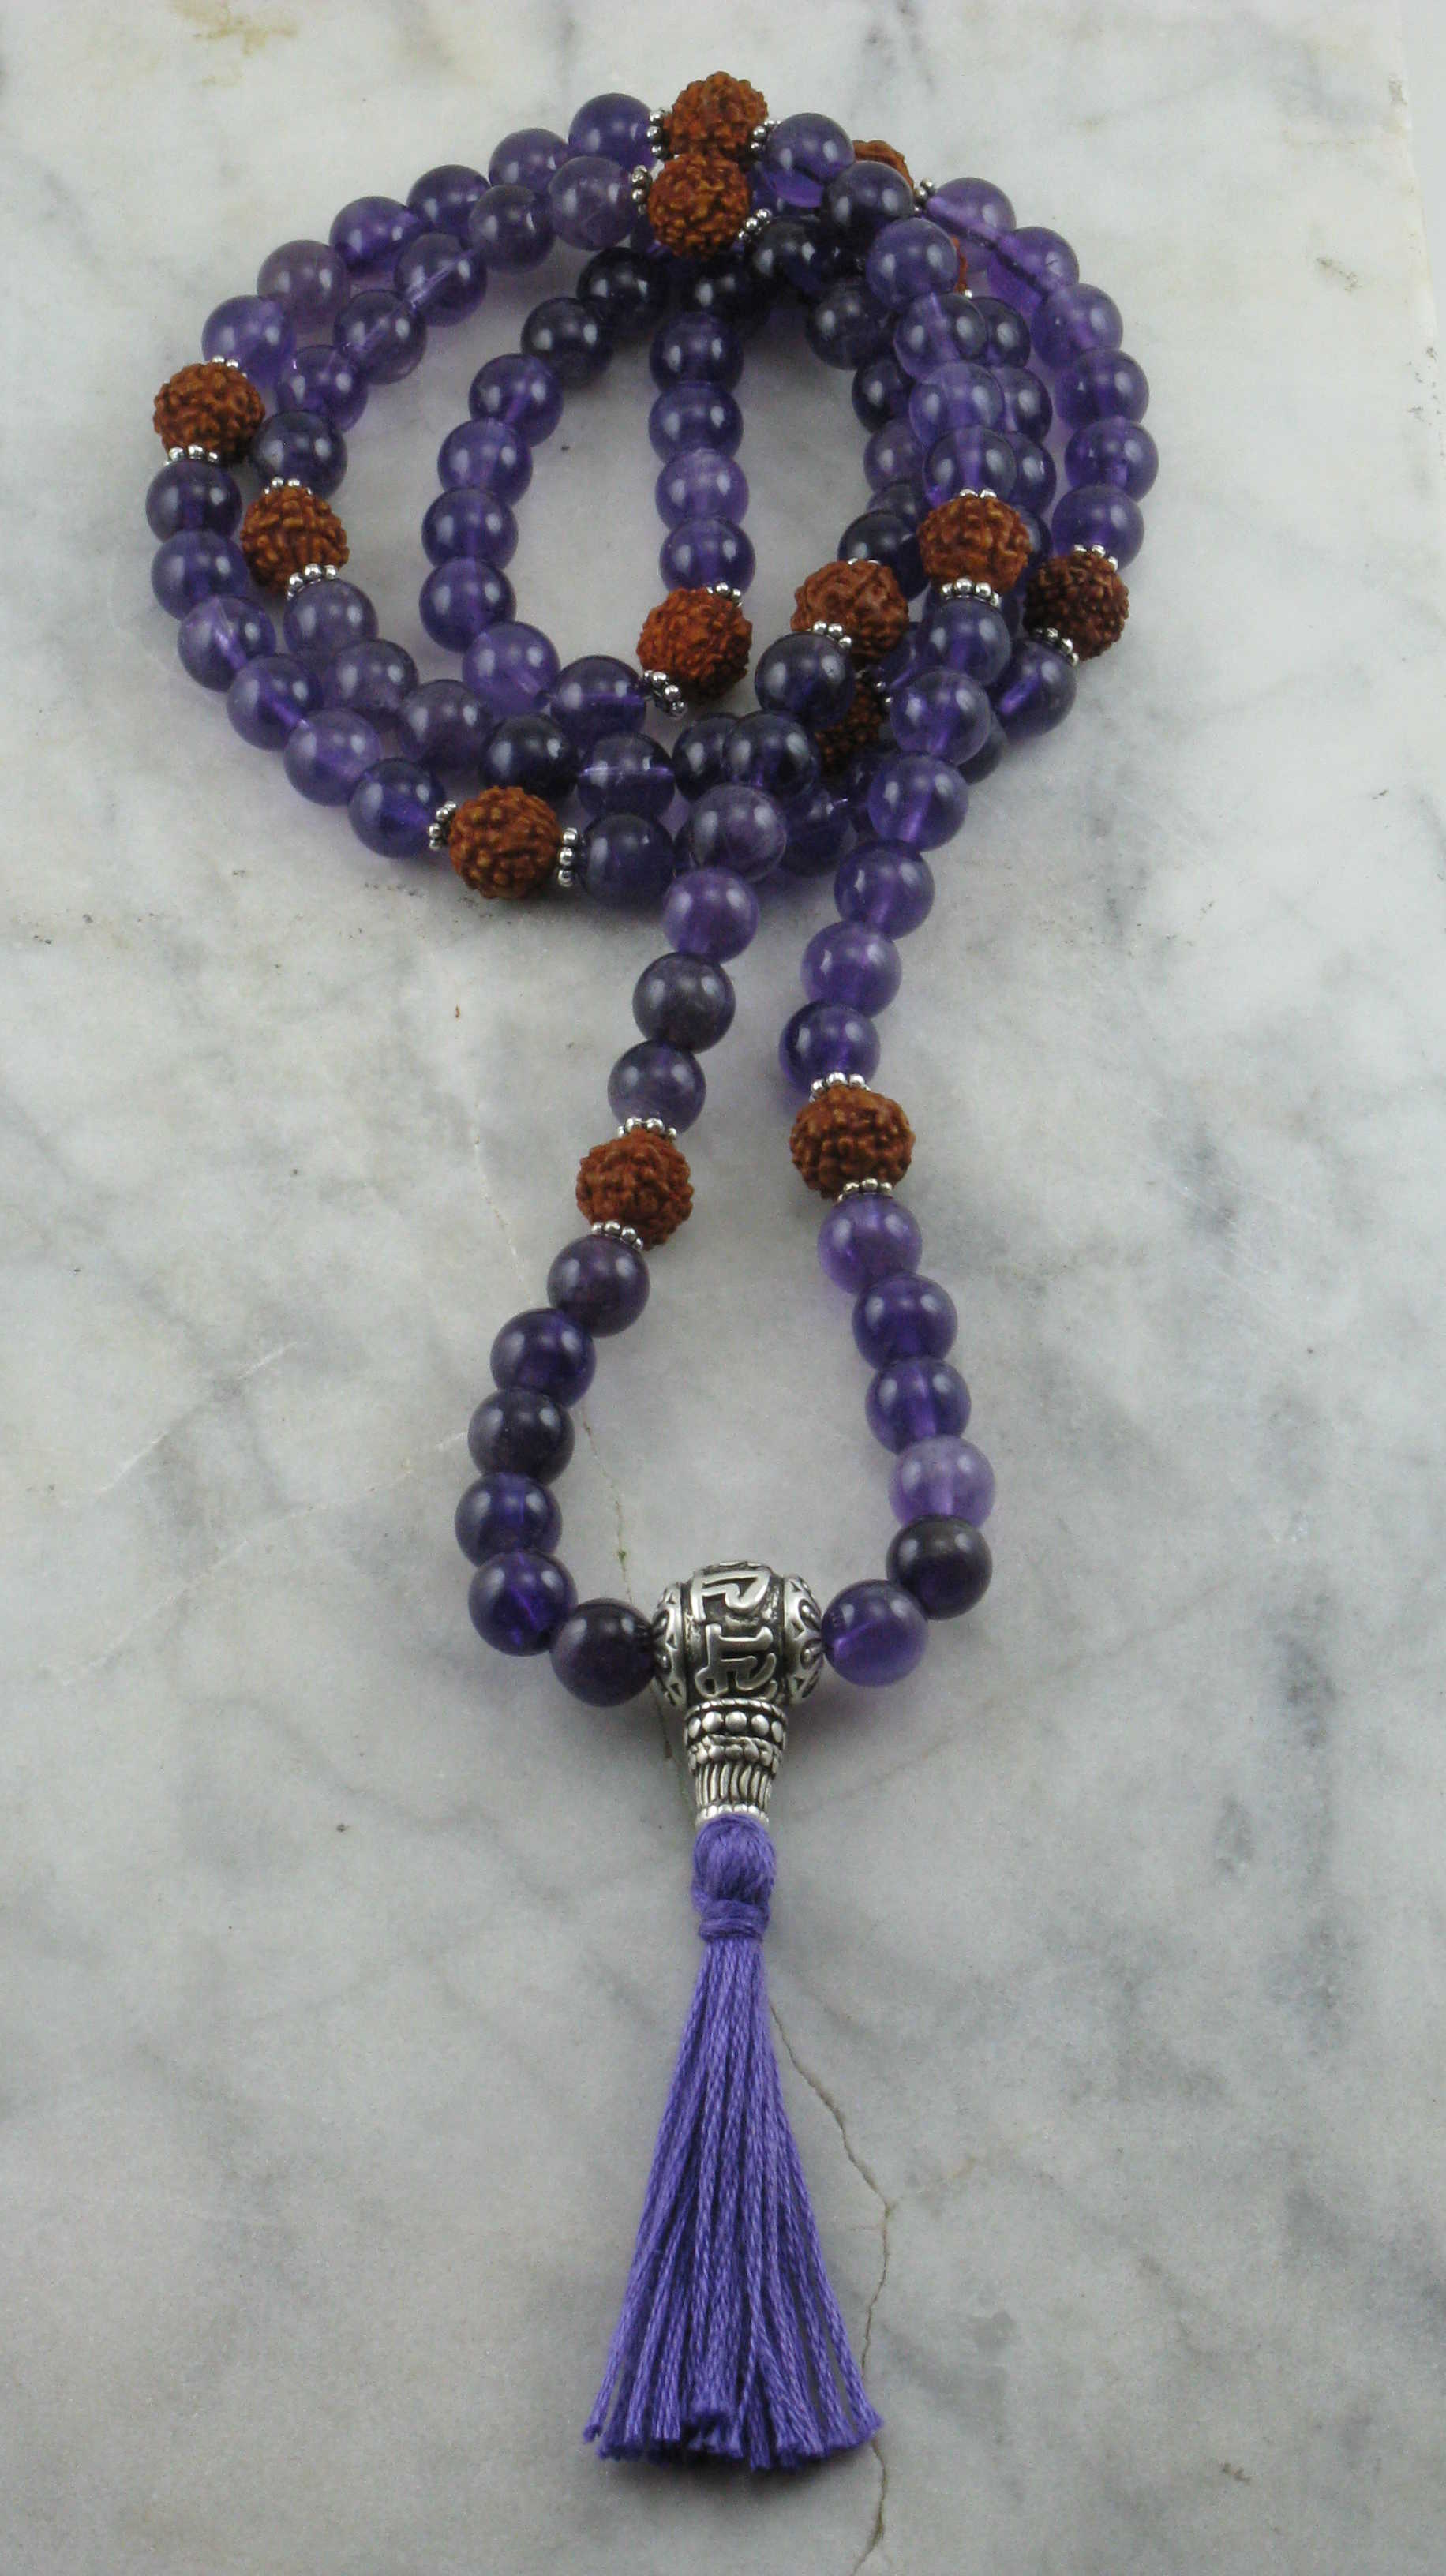 Devotion Mala Beads 108 Amethyst Mala Beads Hindu